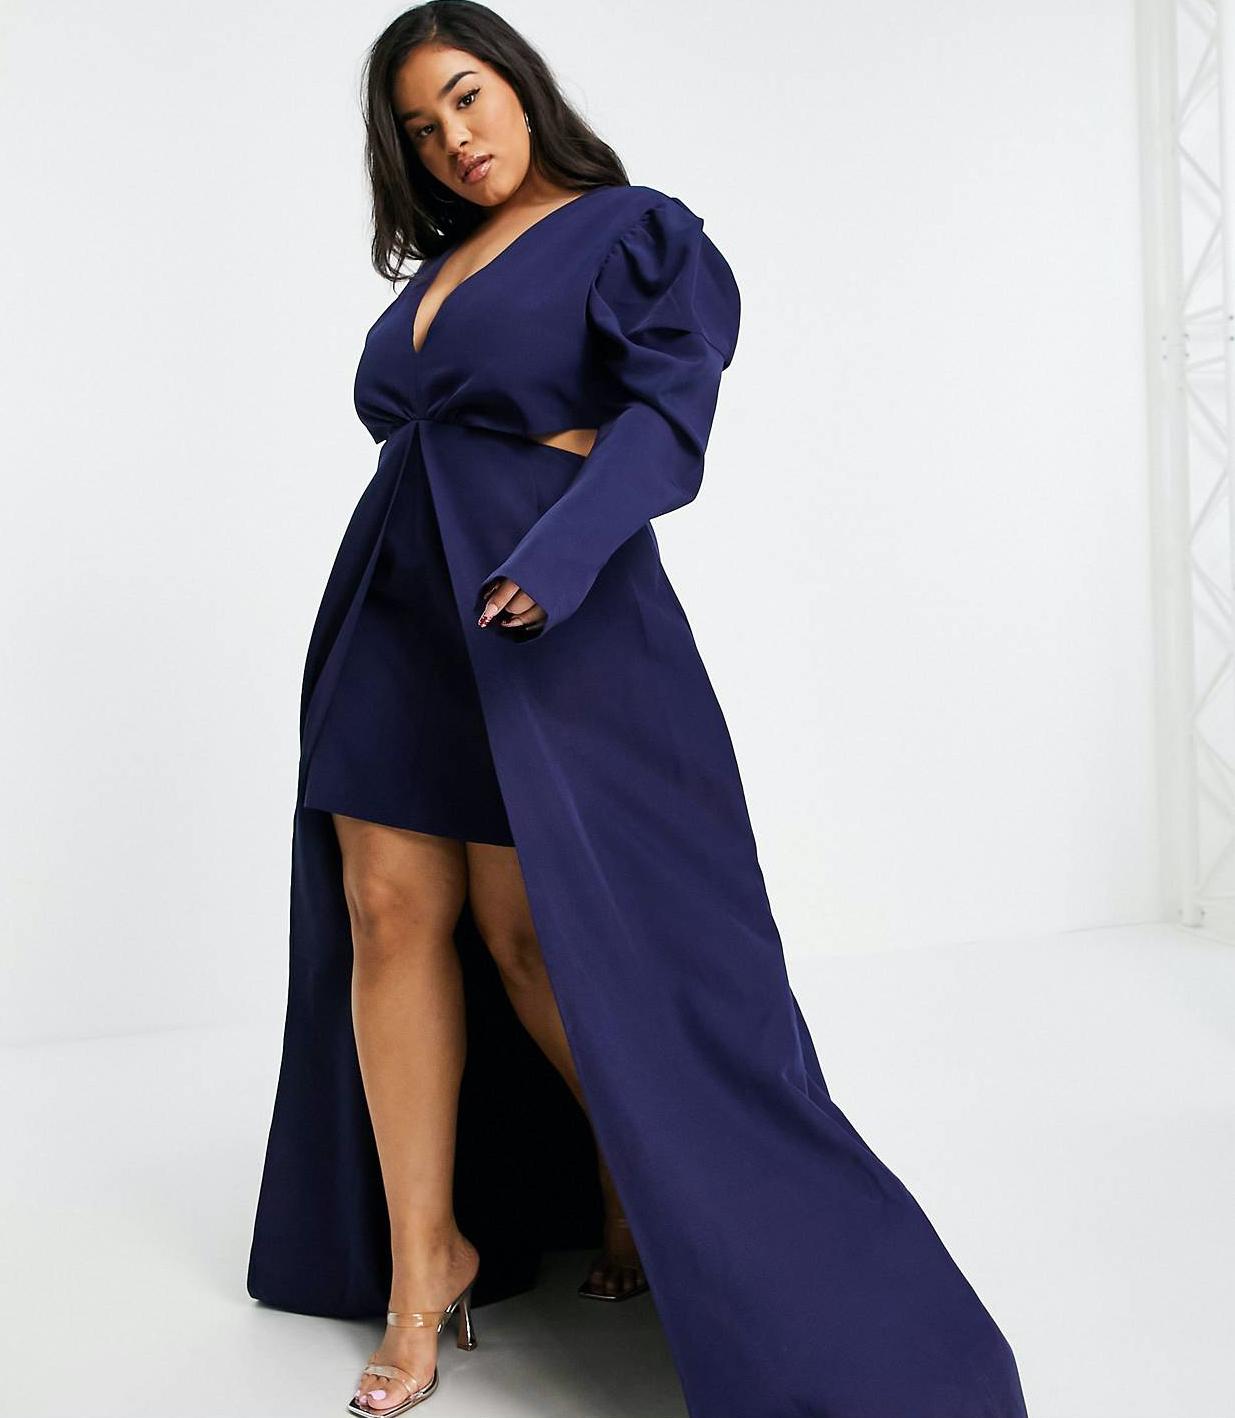 Vestido corto azul marino de talla grande con diseño asimétrico, mangas abullonadas y cola de Yaura